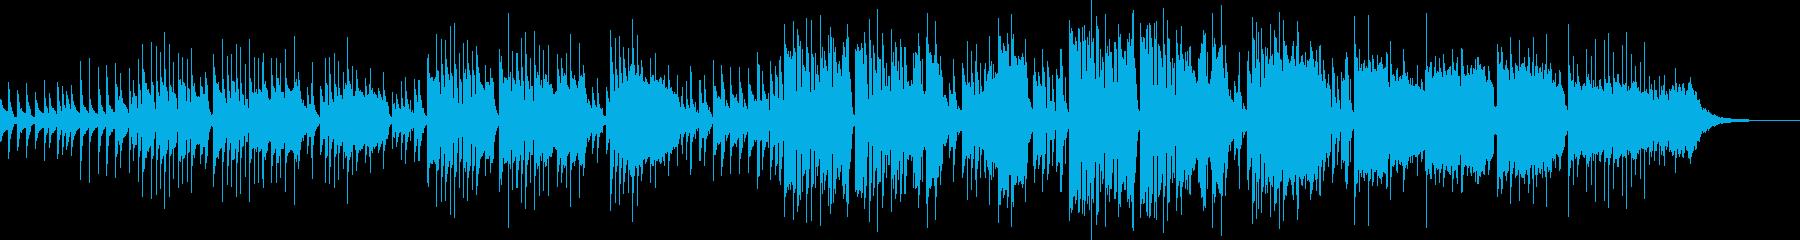 コミカルで間抜けな日常のBGMの再生済みの波形